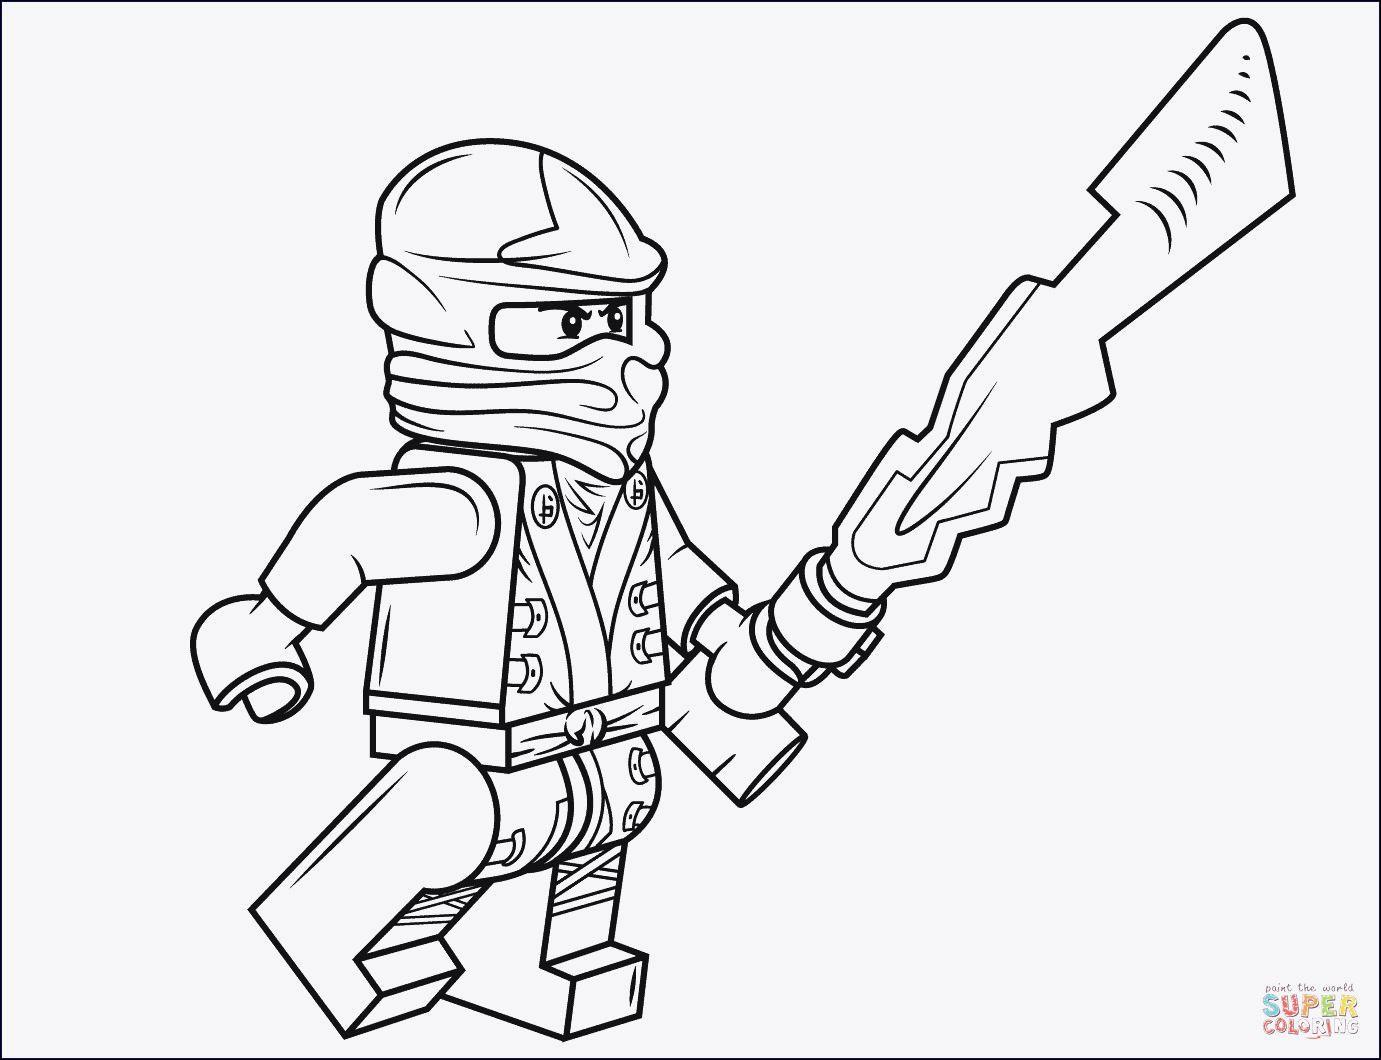 Ninjago Bilder Zum Ausdrucken Kostenlos Frisch Ninjago Malvorlagen Zum Ausdrucken Schön 37 Lego Ninjago Lloyd Fotos